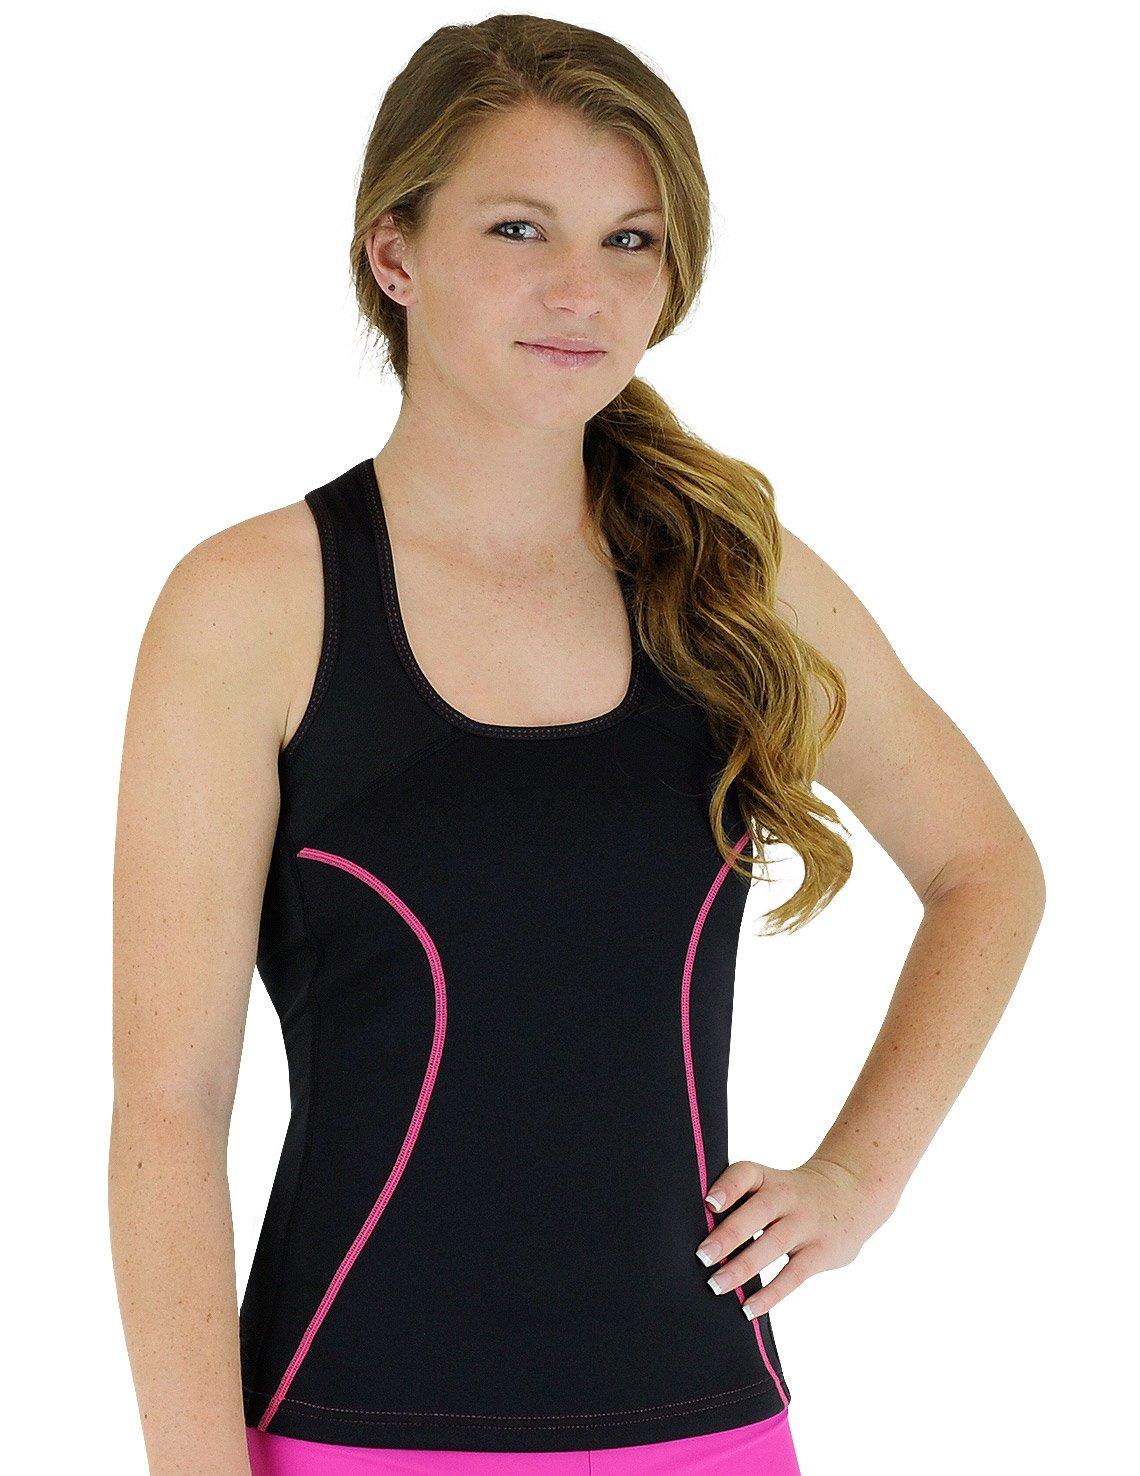 Zumba/Fitness-Tankini-Top mit Wärme u. Schwitz-Effekt - aus Neopren mit Bio-Keramik Fasern, von Delfin Spa